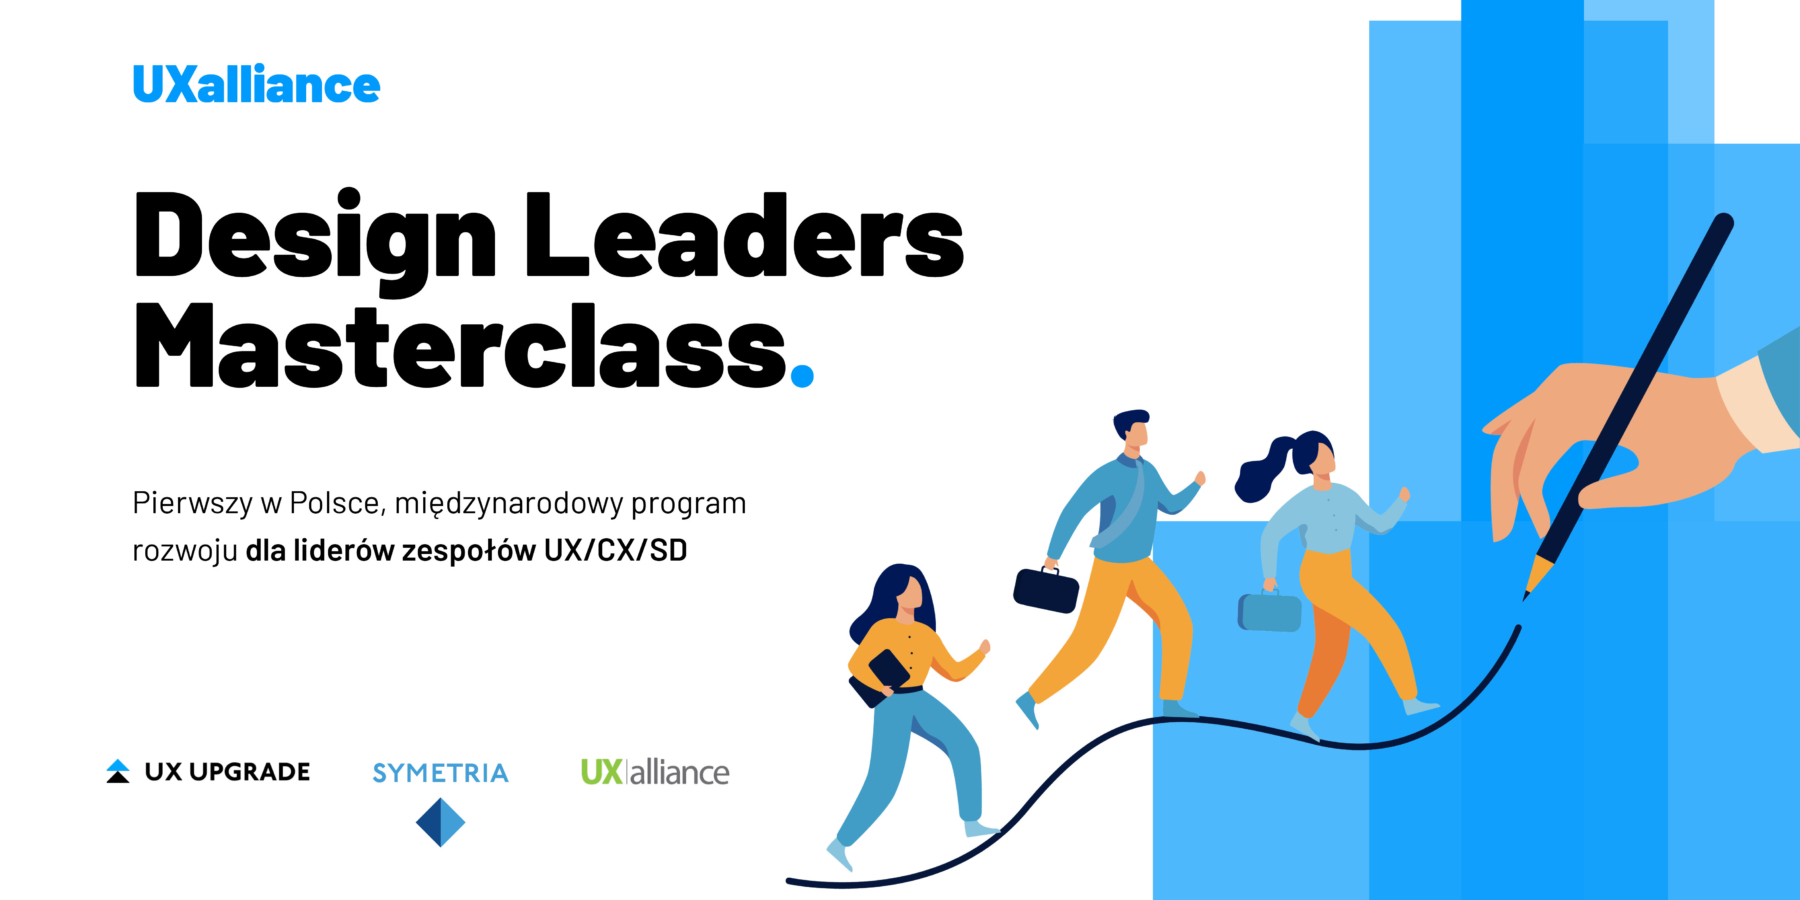 Program rozwojowy dla liderów UX zudziałem zagranicznych ekspertów poraz pierwszy wPolsce